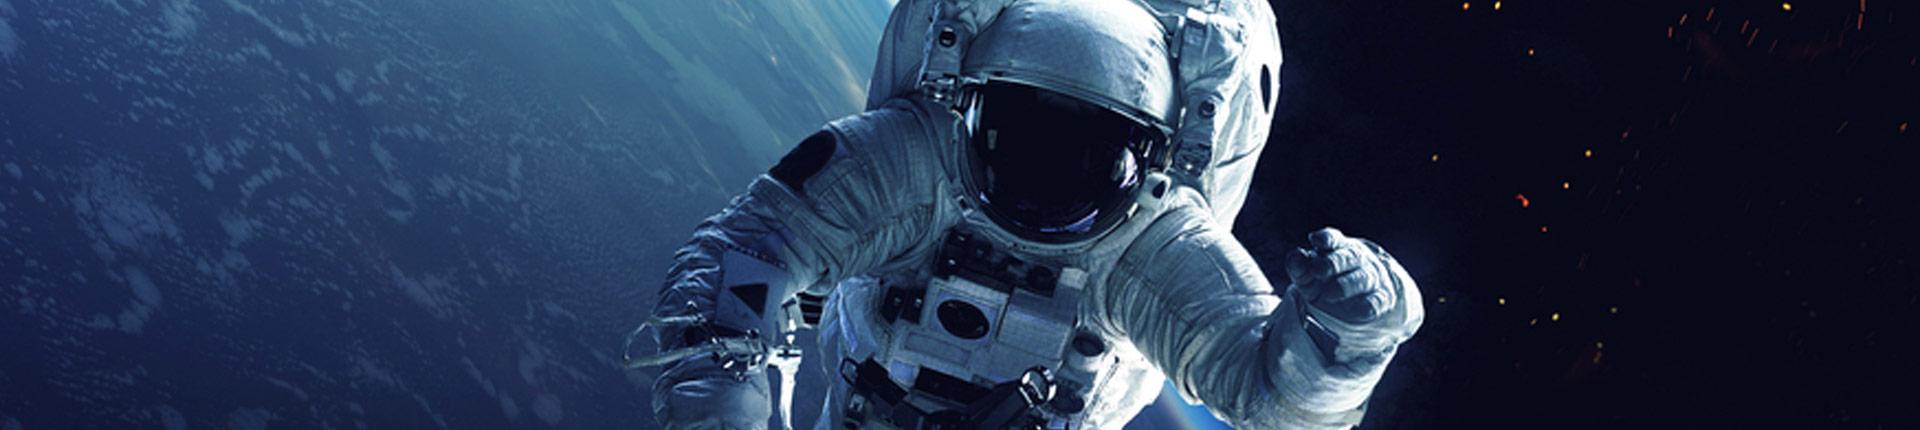 Resweratrol sposobem na utrzymanie mięśni także u astronautów!